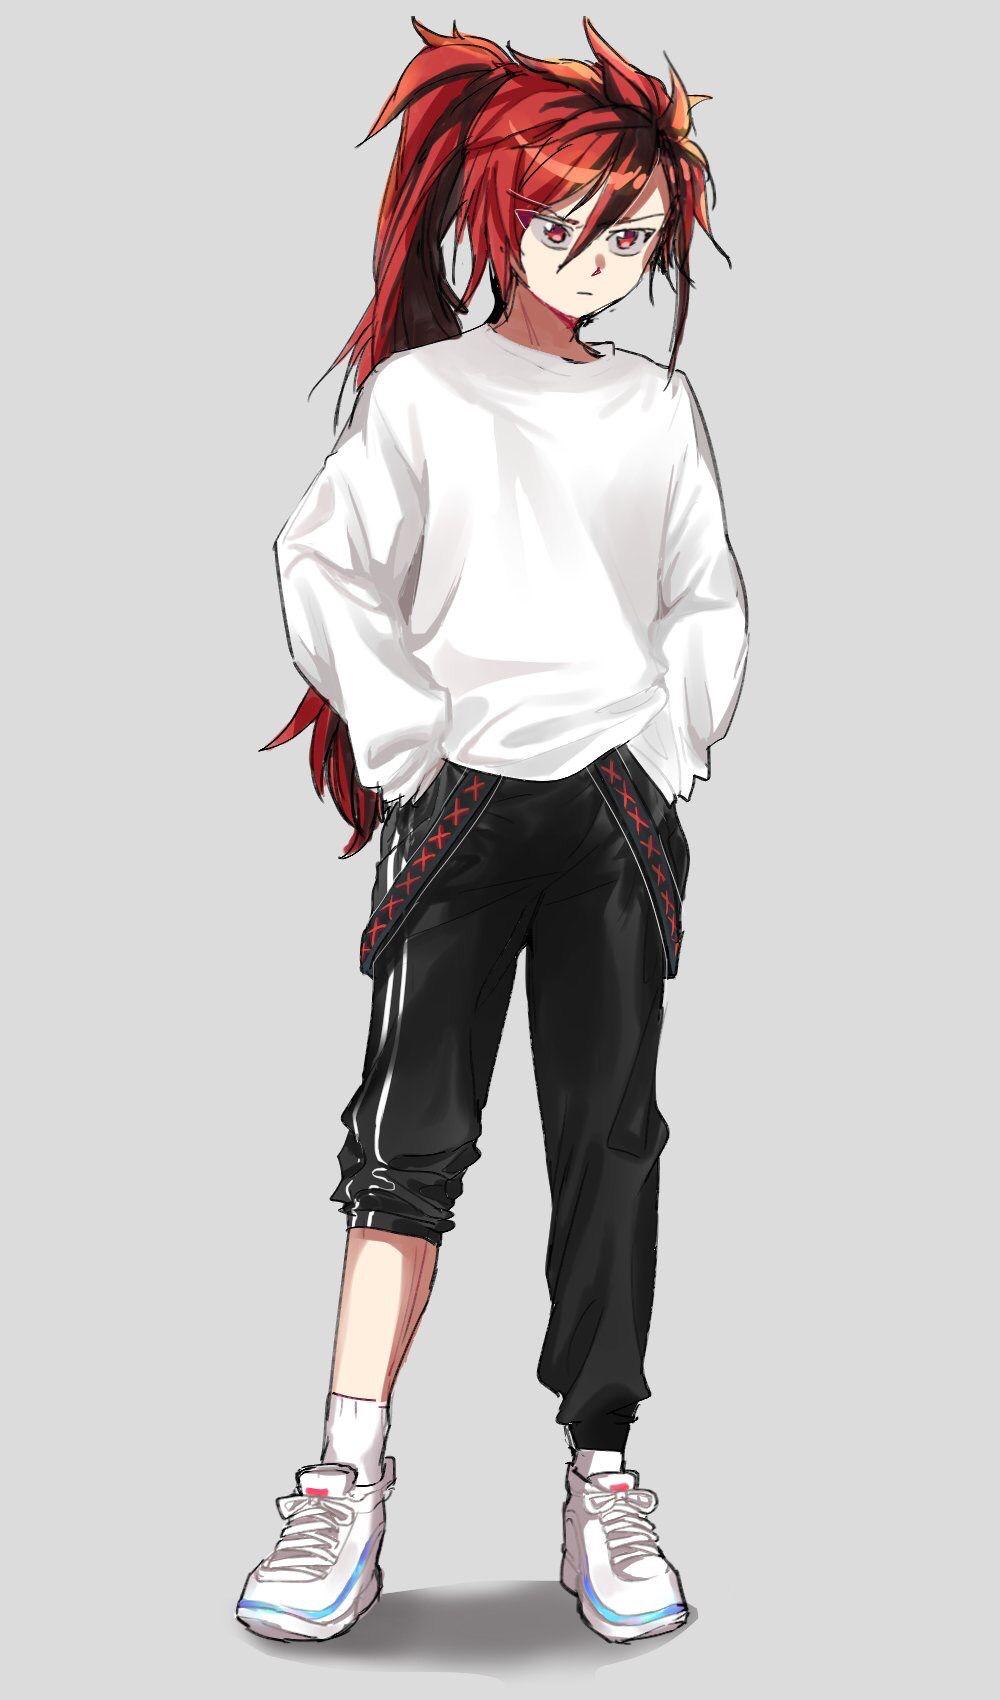 다 비 on Red hair anime guy, Anime ponytail, Elsword